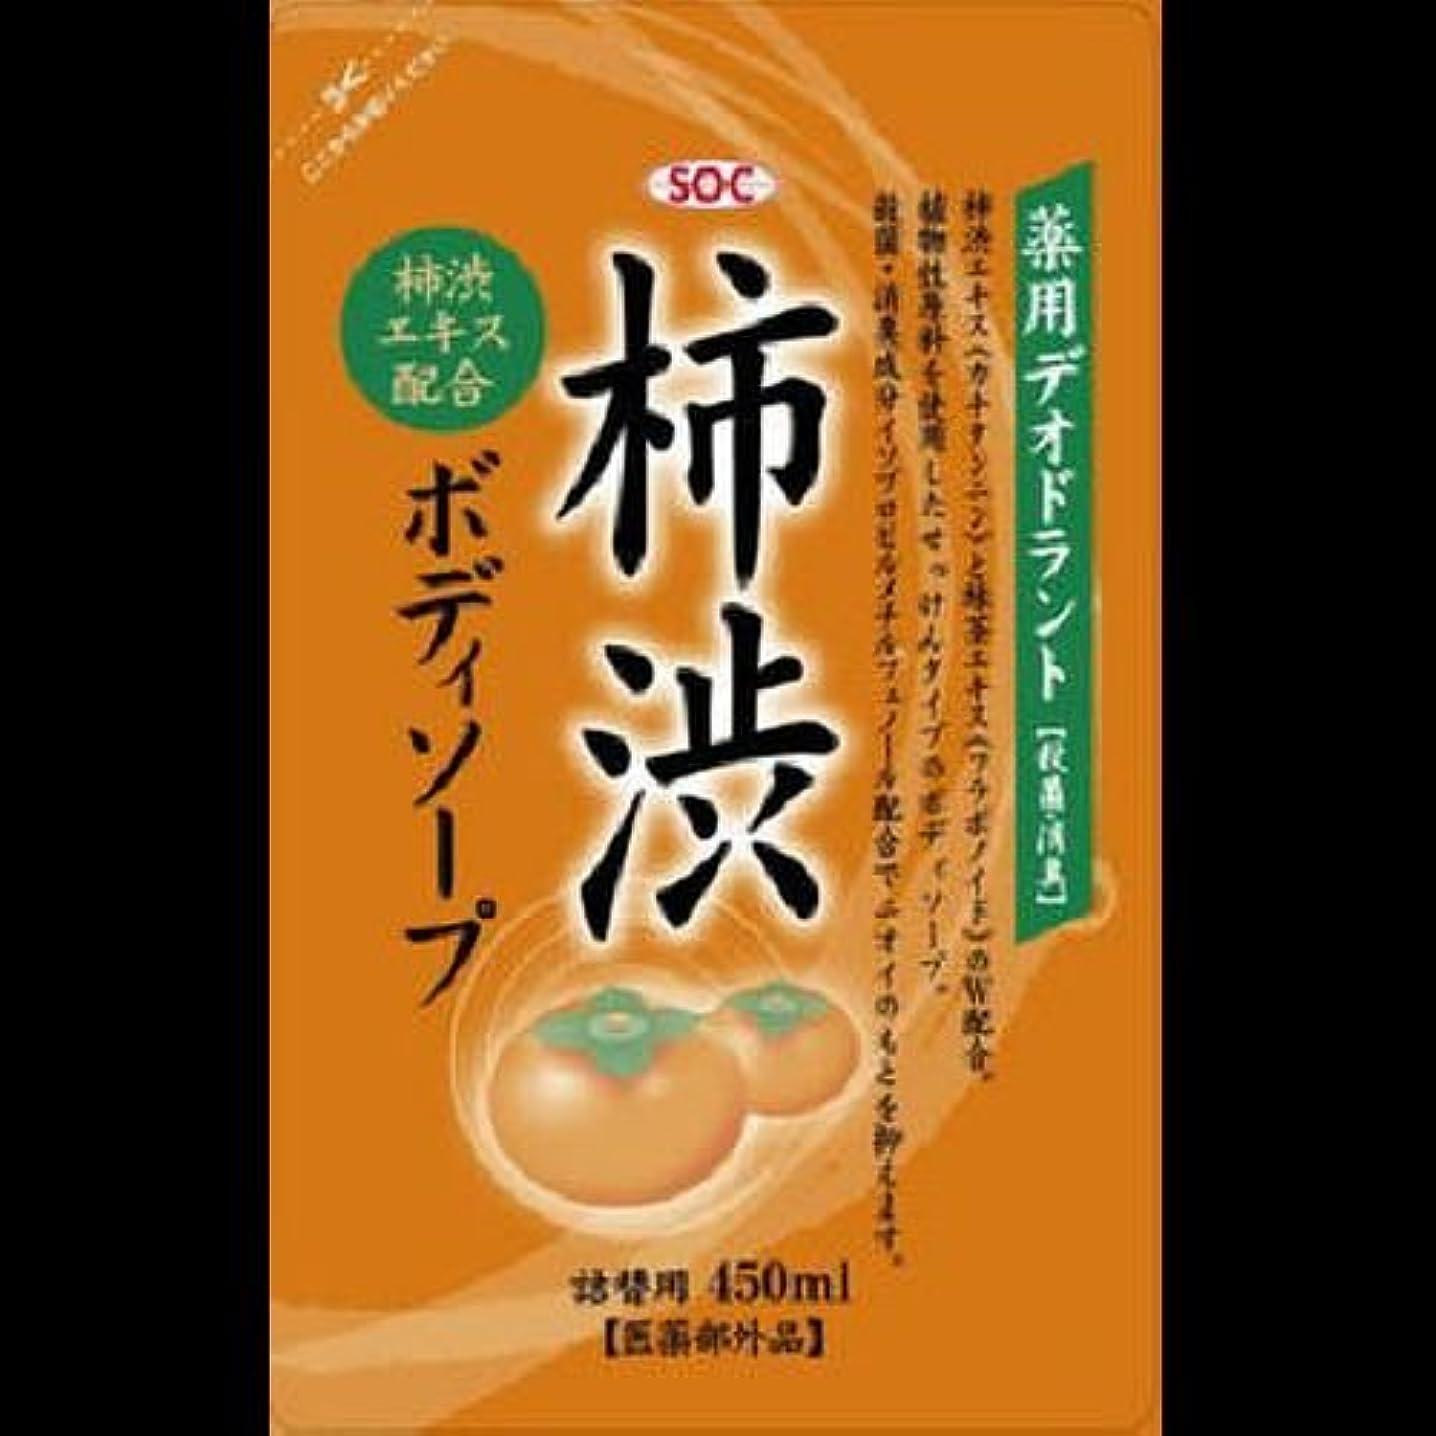 毛皮明日もっとSOC 薬用柿渋ボディソープ 詰替 450ml ×2セット